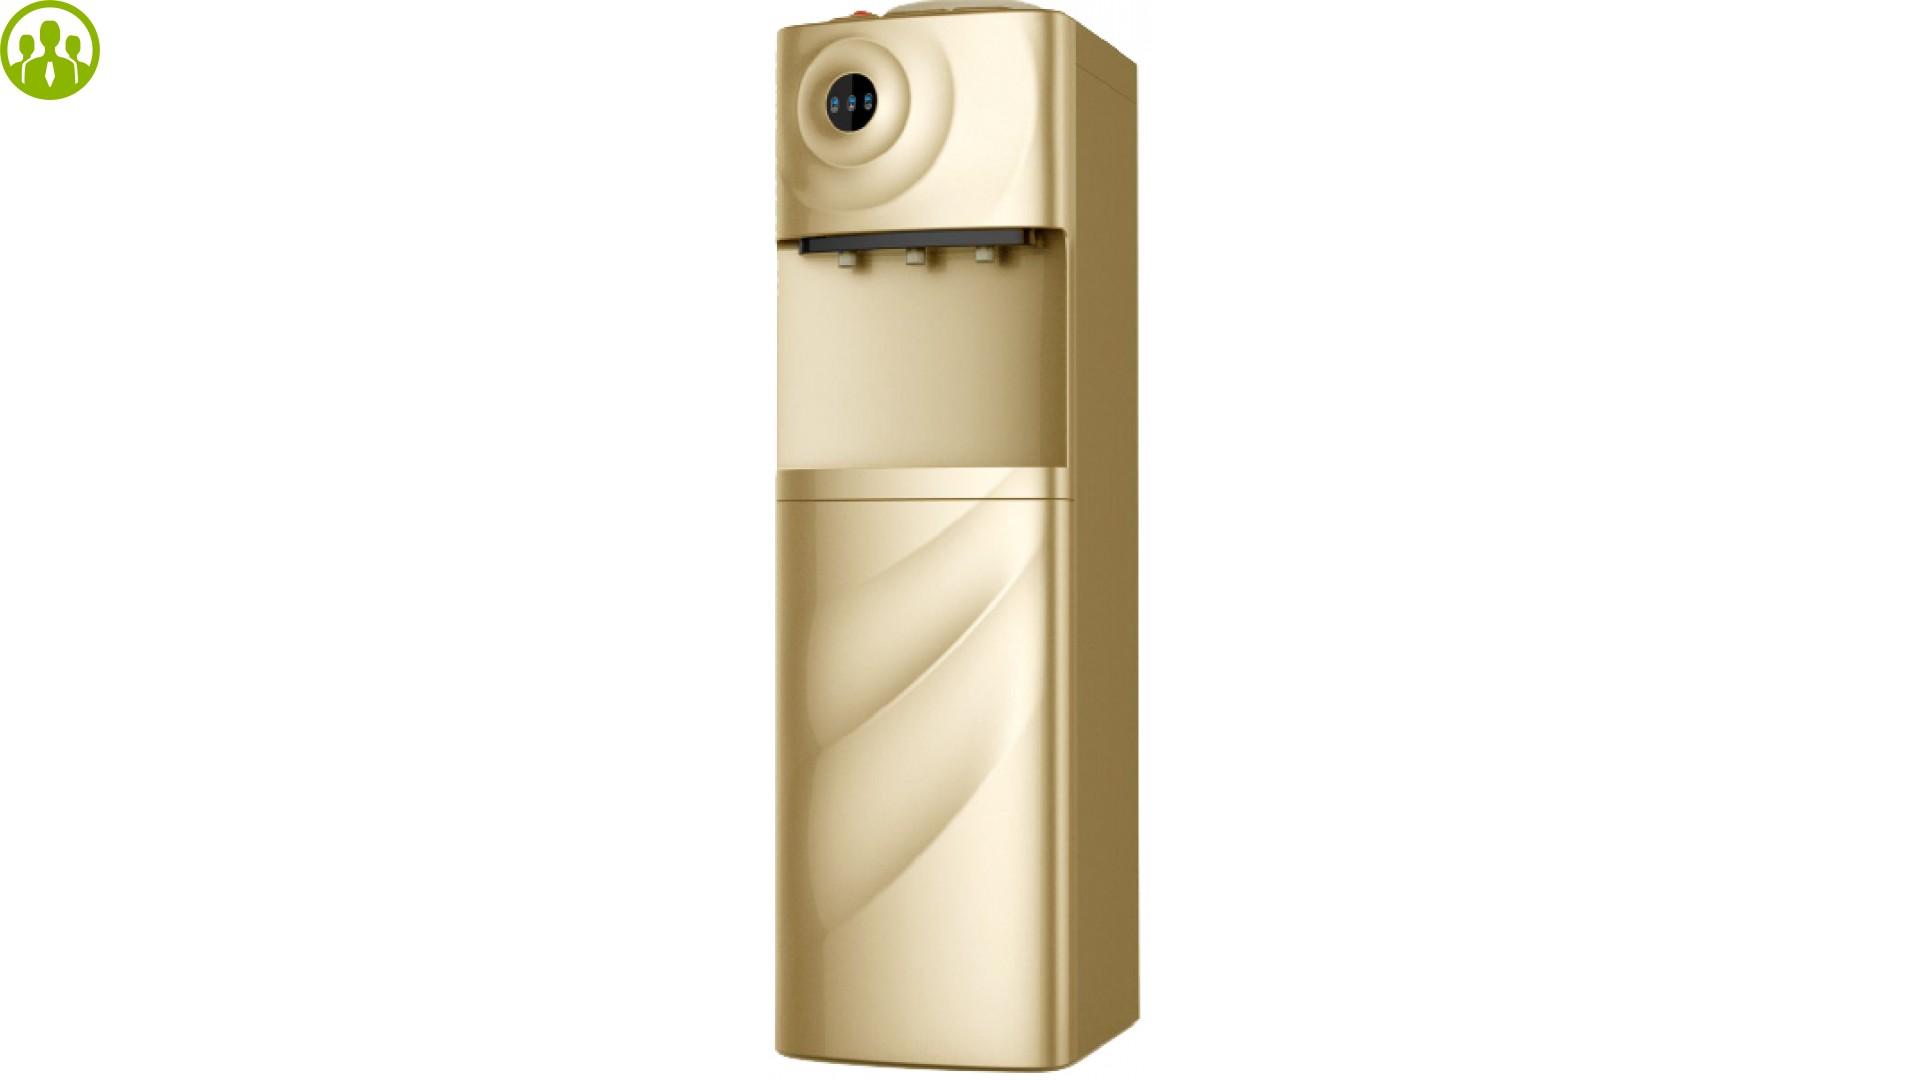 cooler-model-lesoto-e-af510c